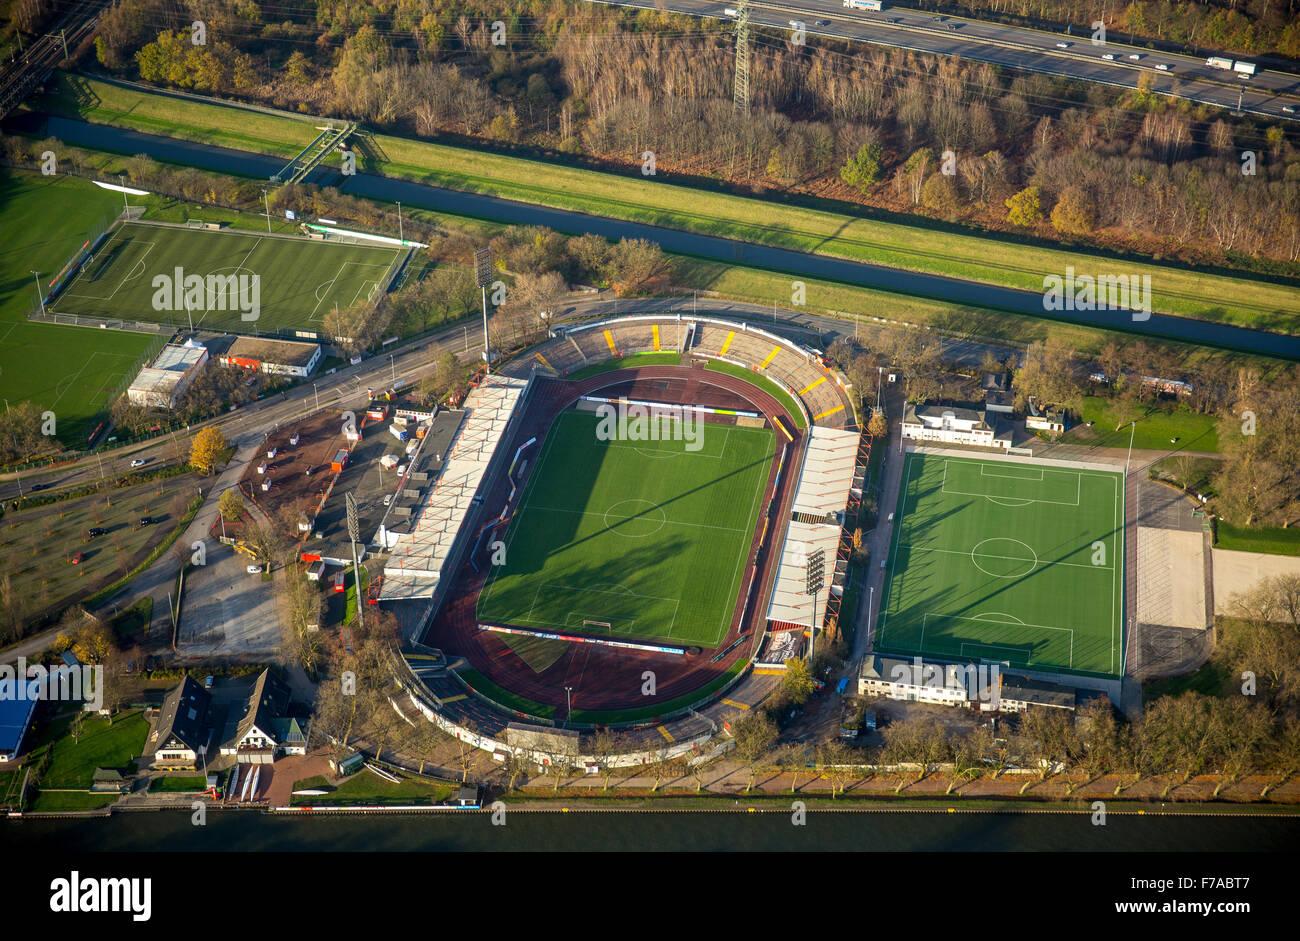 RWO Stadium, Niederrheinstadion Oberhausen between Emscher and Rhine-Herne Canal, Oberhausen, - Stock Image